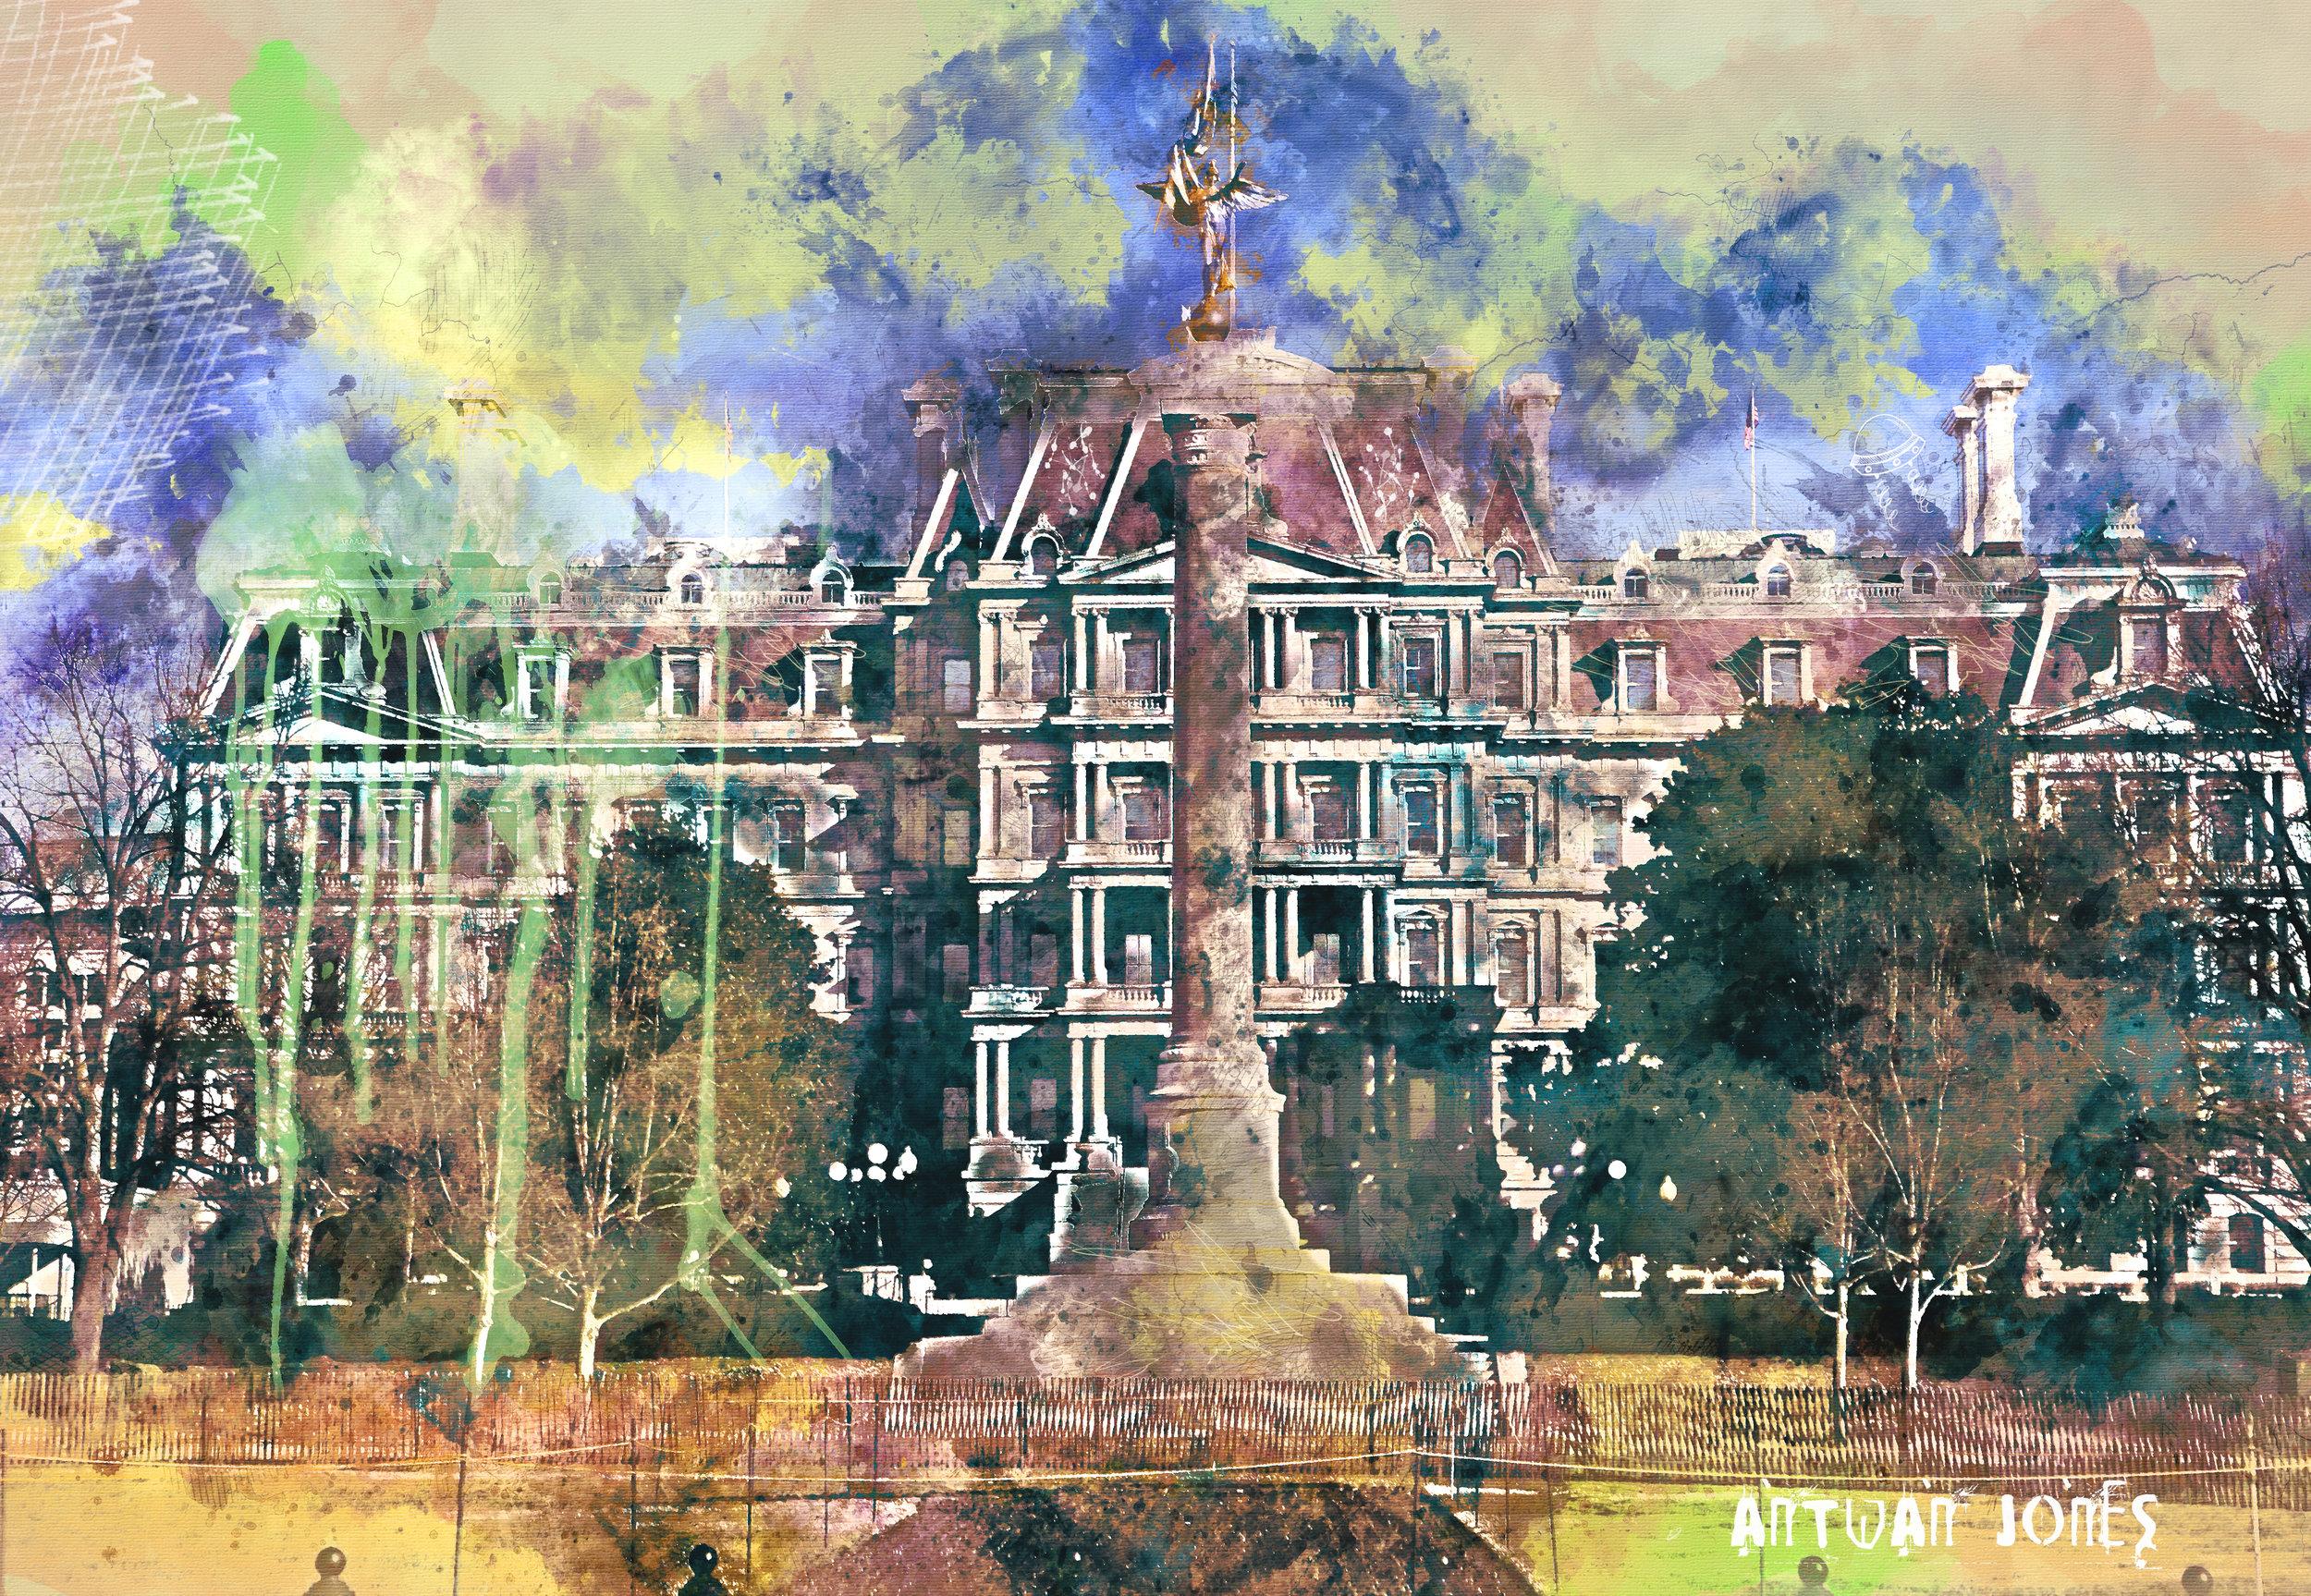 DC Palace - Mixed Media/Watercolor